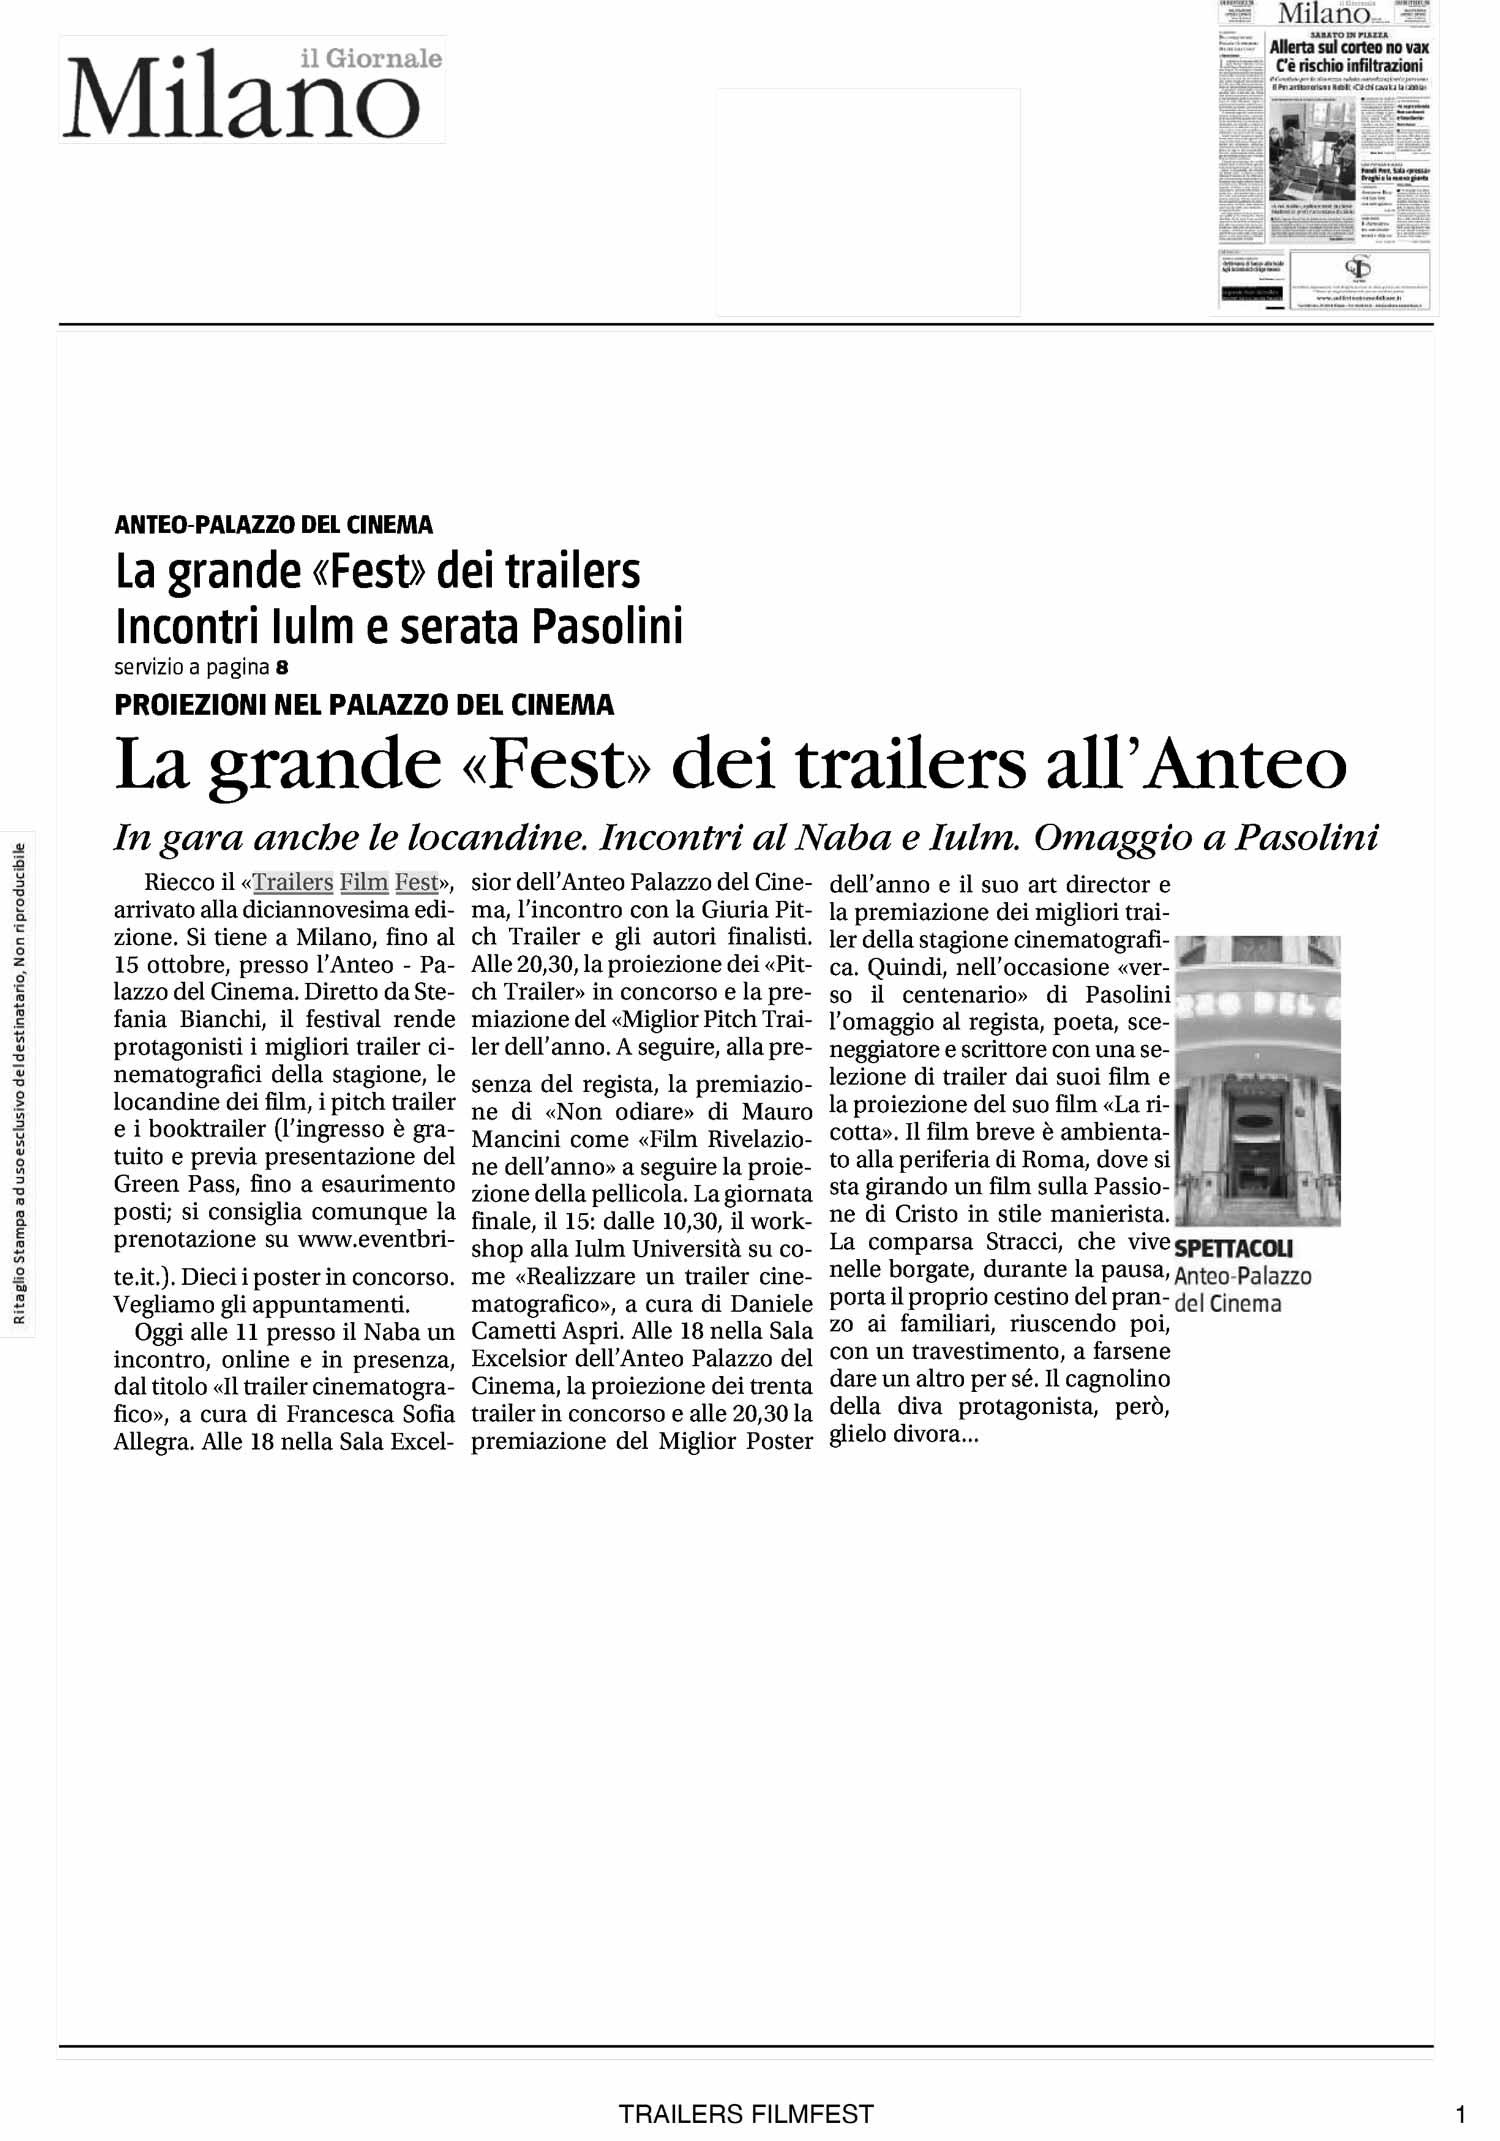 il-giornale-milano